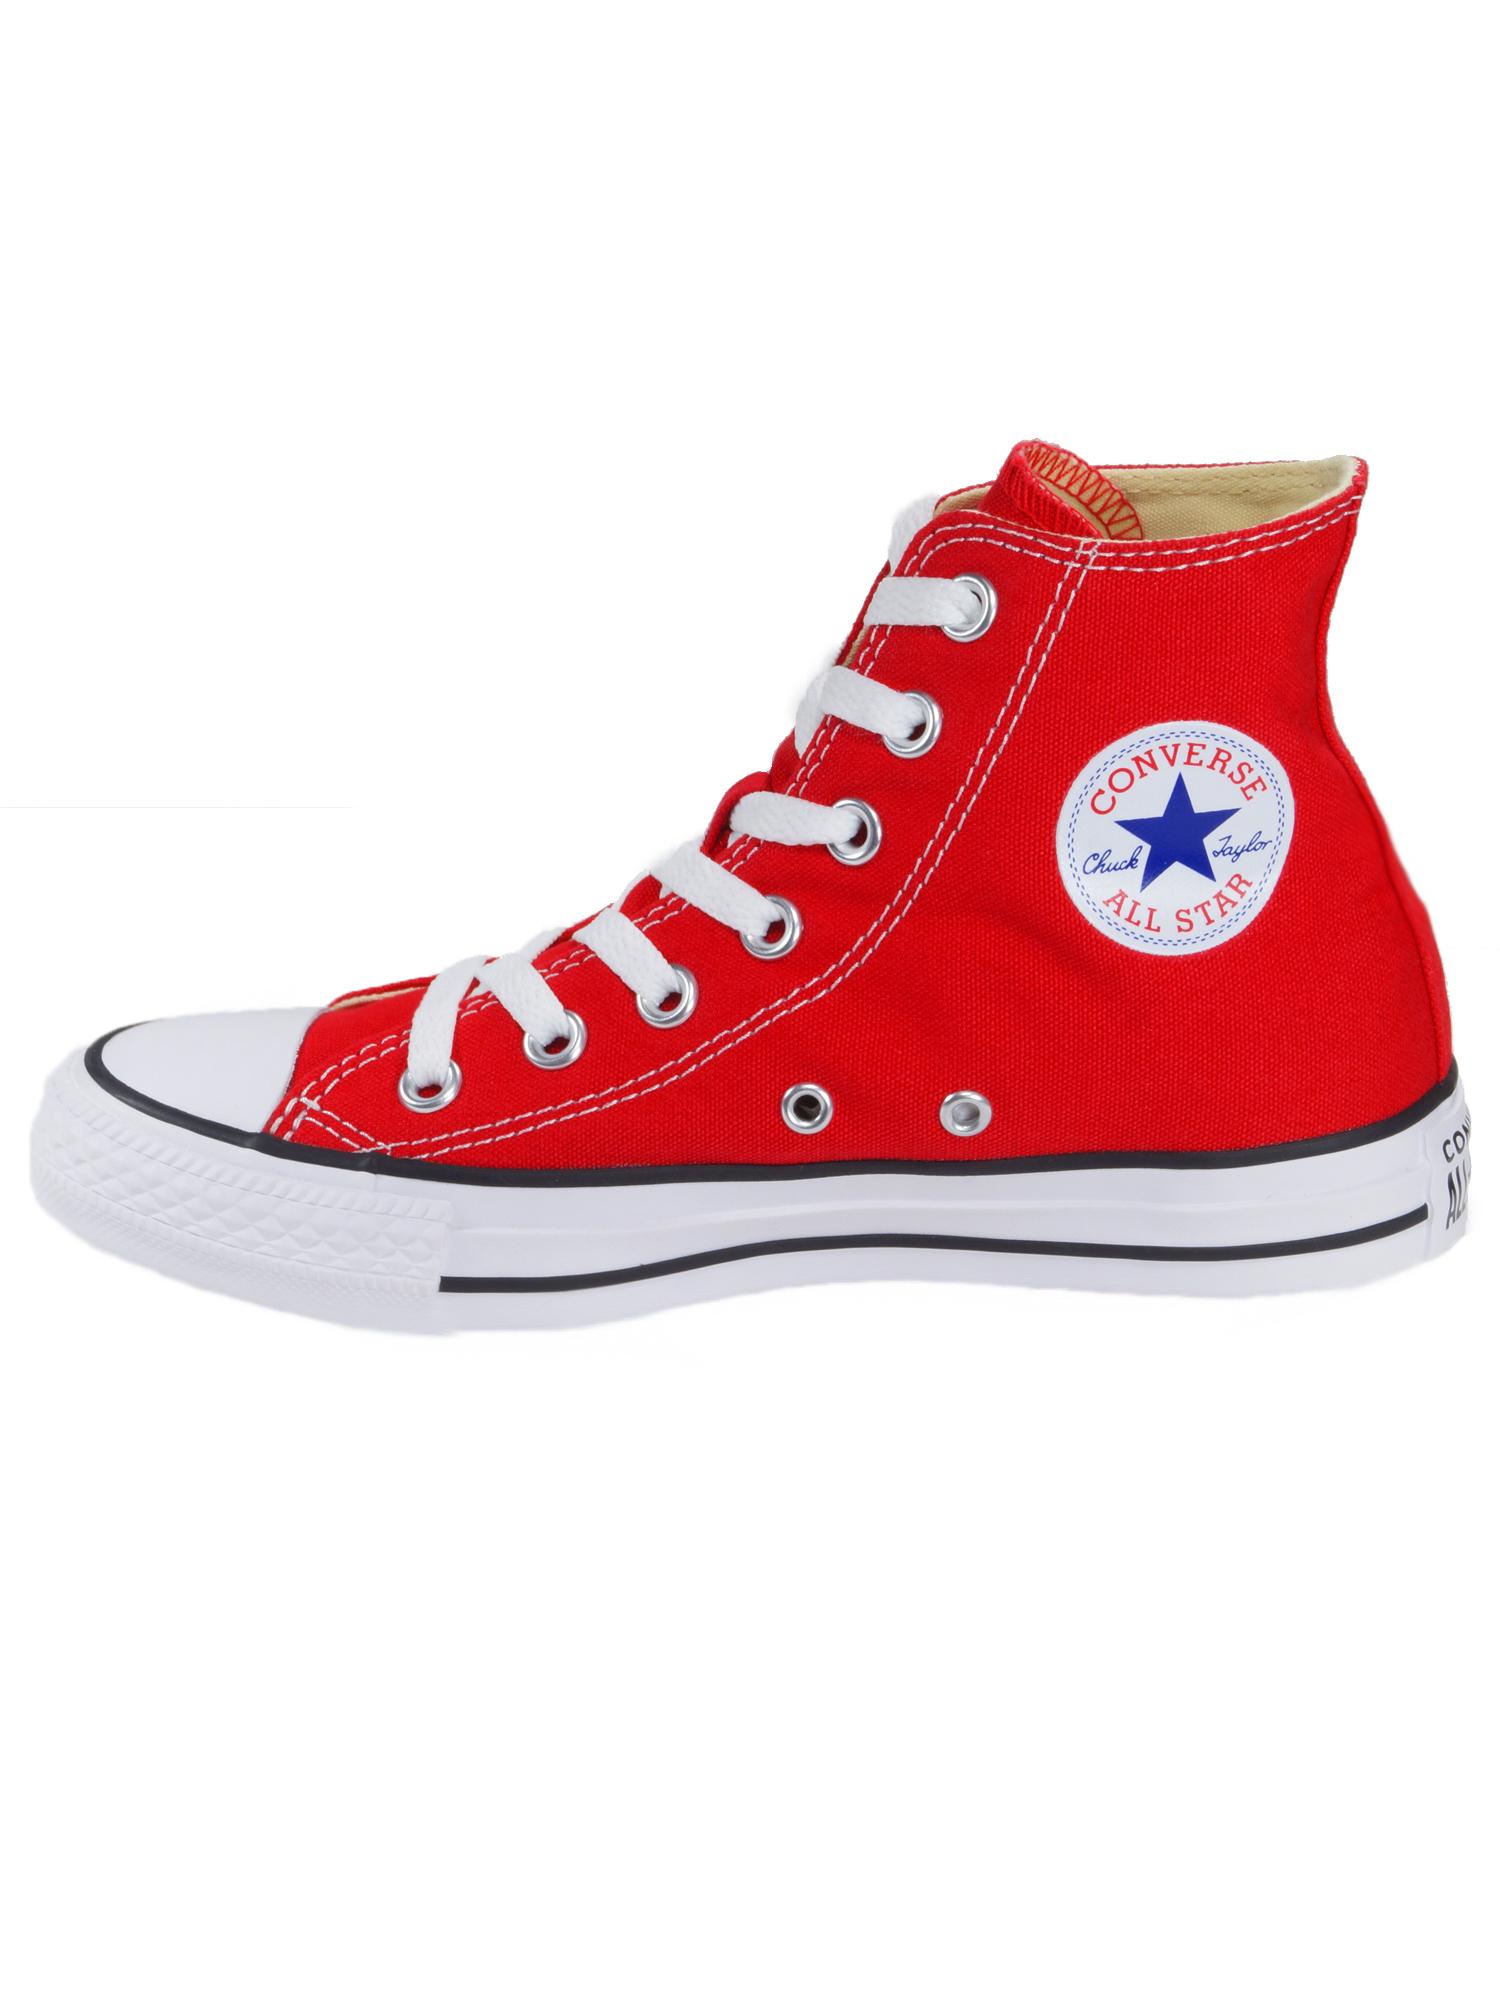 best website f9737 b8934 Converse Damen Schuhe CT All Star Hi Rot Leinen Sneakers Gr. 36 - yatego.com